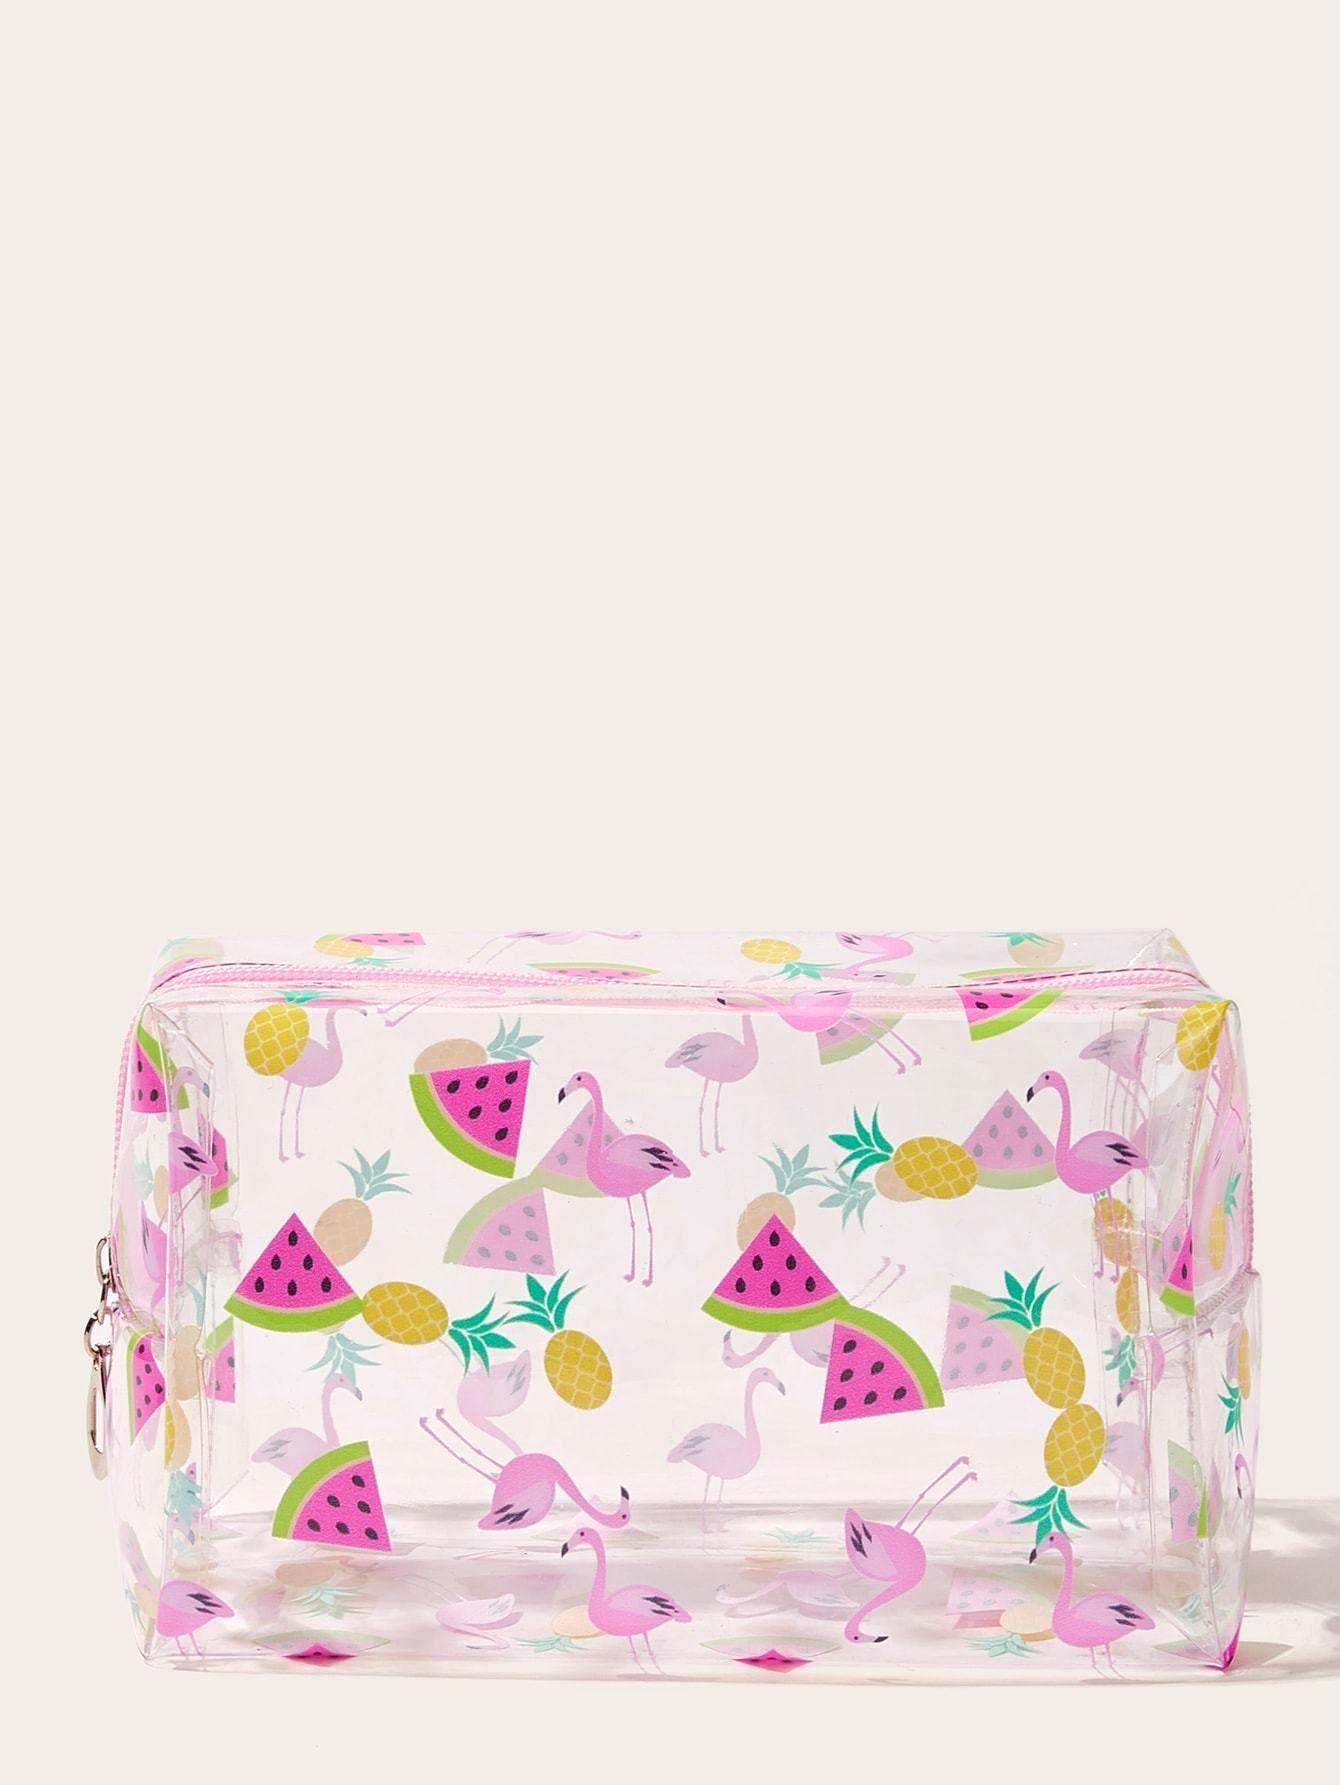 Flamingo & Watermelon Print Transparent Makeup Bag https